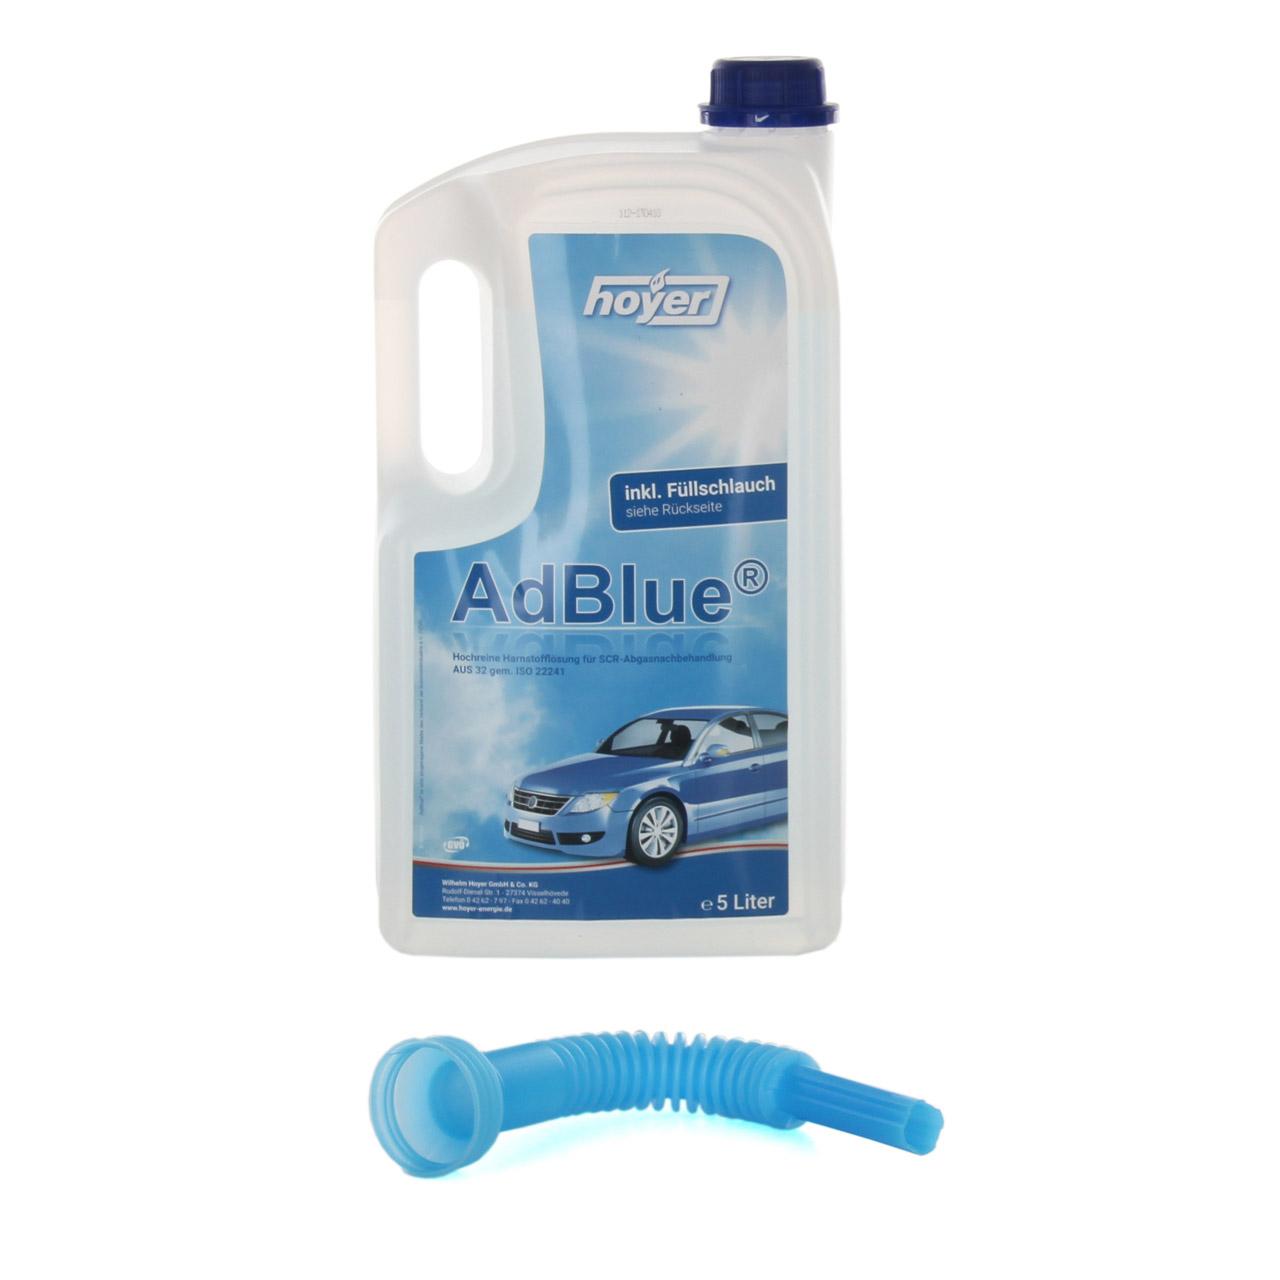 AdBlue® NOX-Reduktionsmittel für Diesel-Motoren Harnstoff ISO 22241 5-Liter